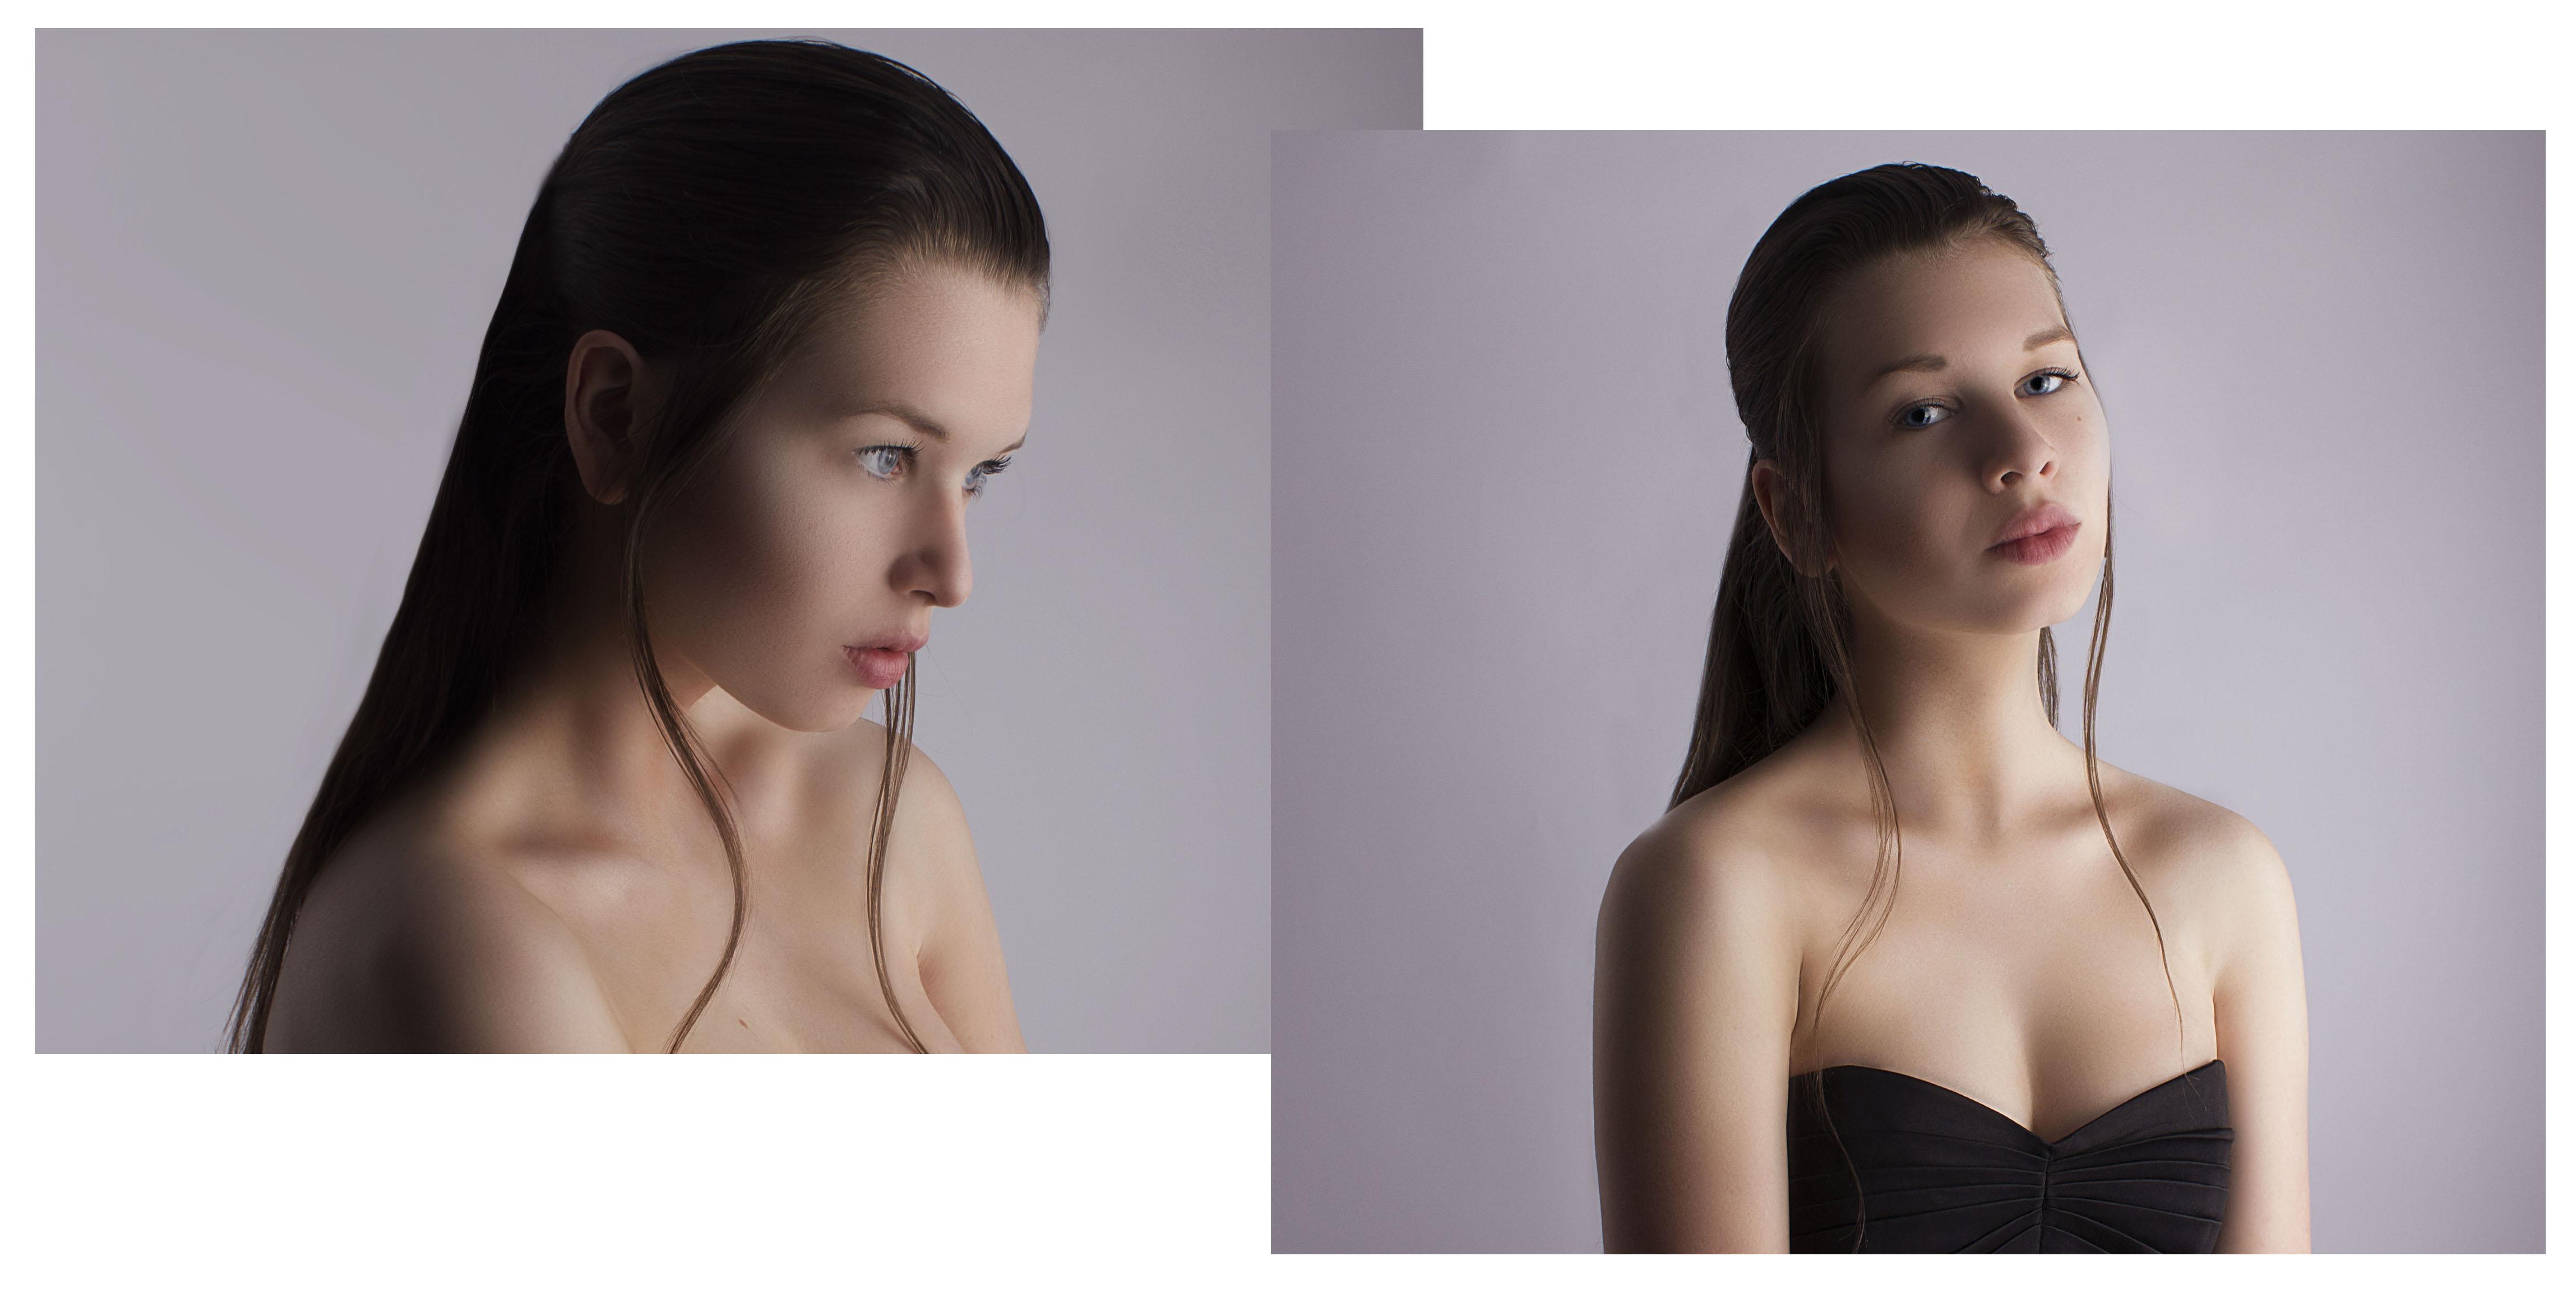 Wallpaper : face, Photoshop, model, portrait, brunette, photography